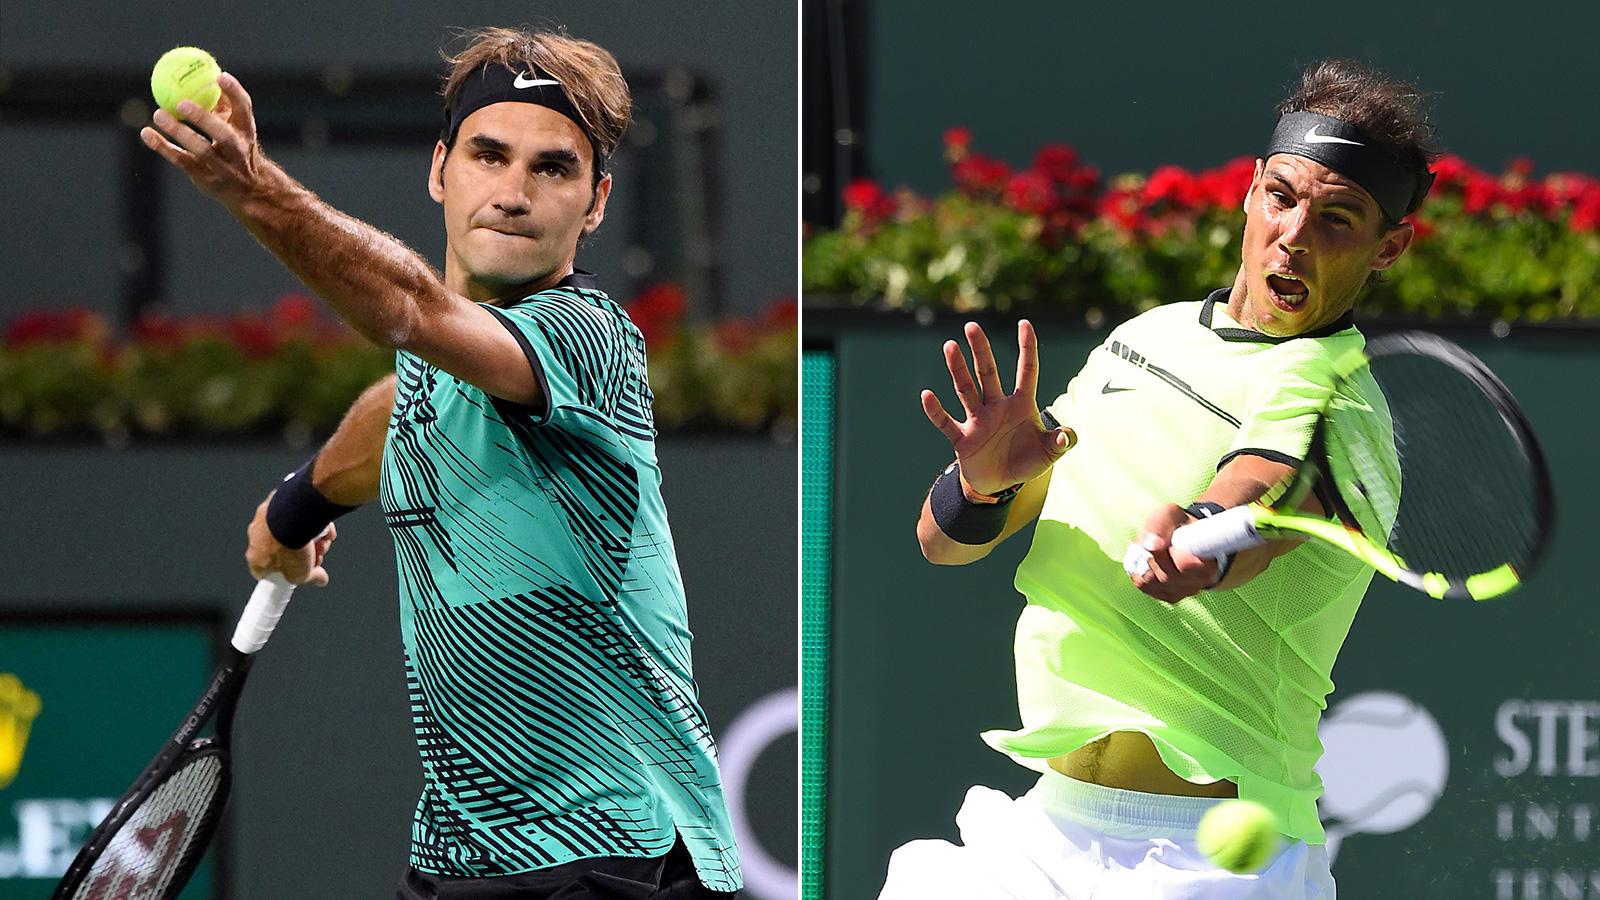 031417-Federer-Nadal-PI